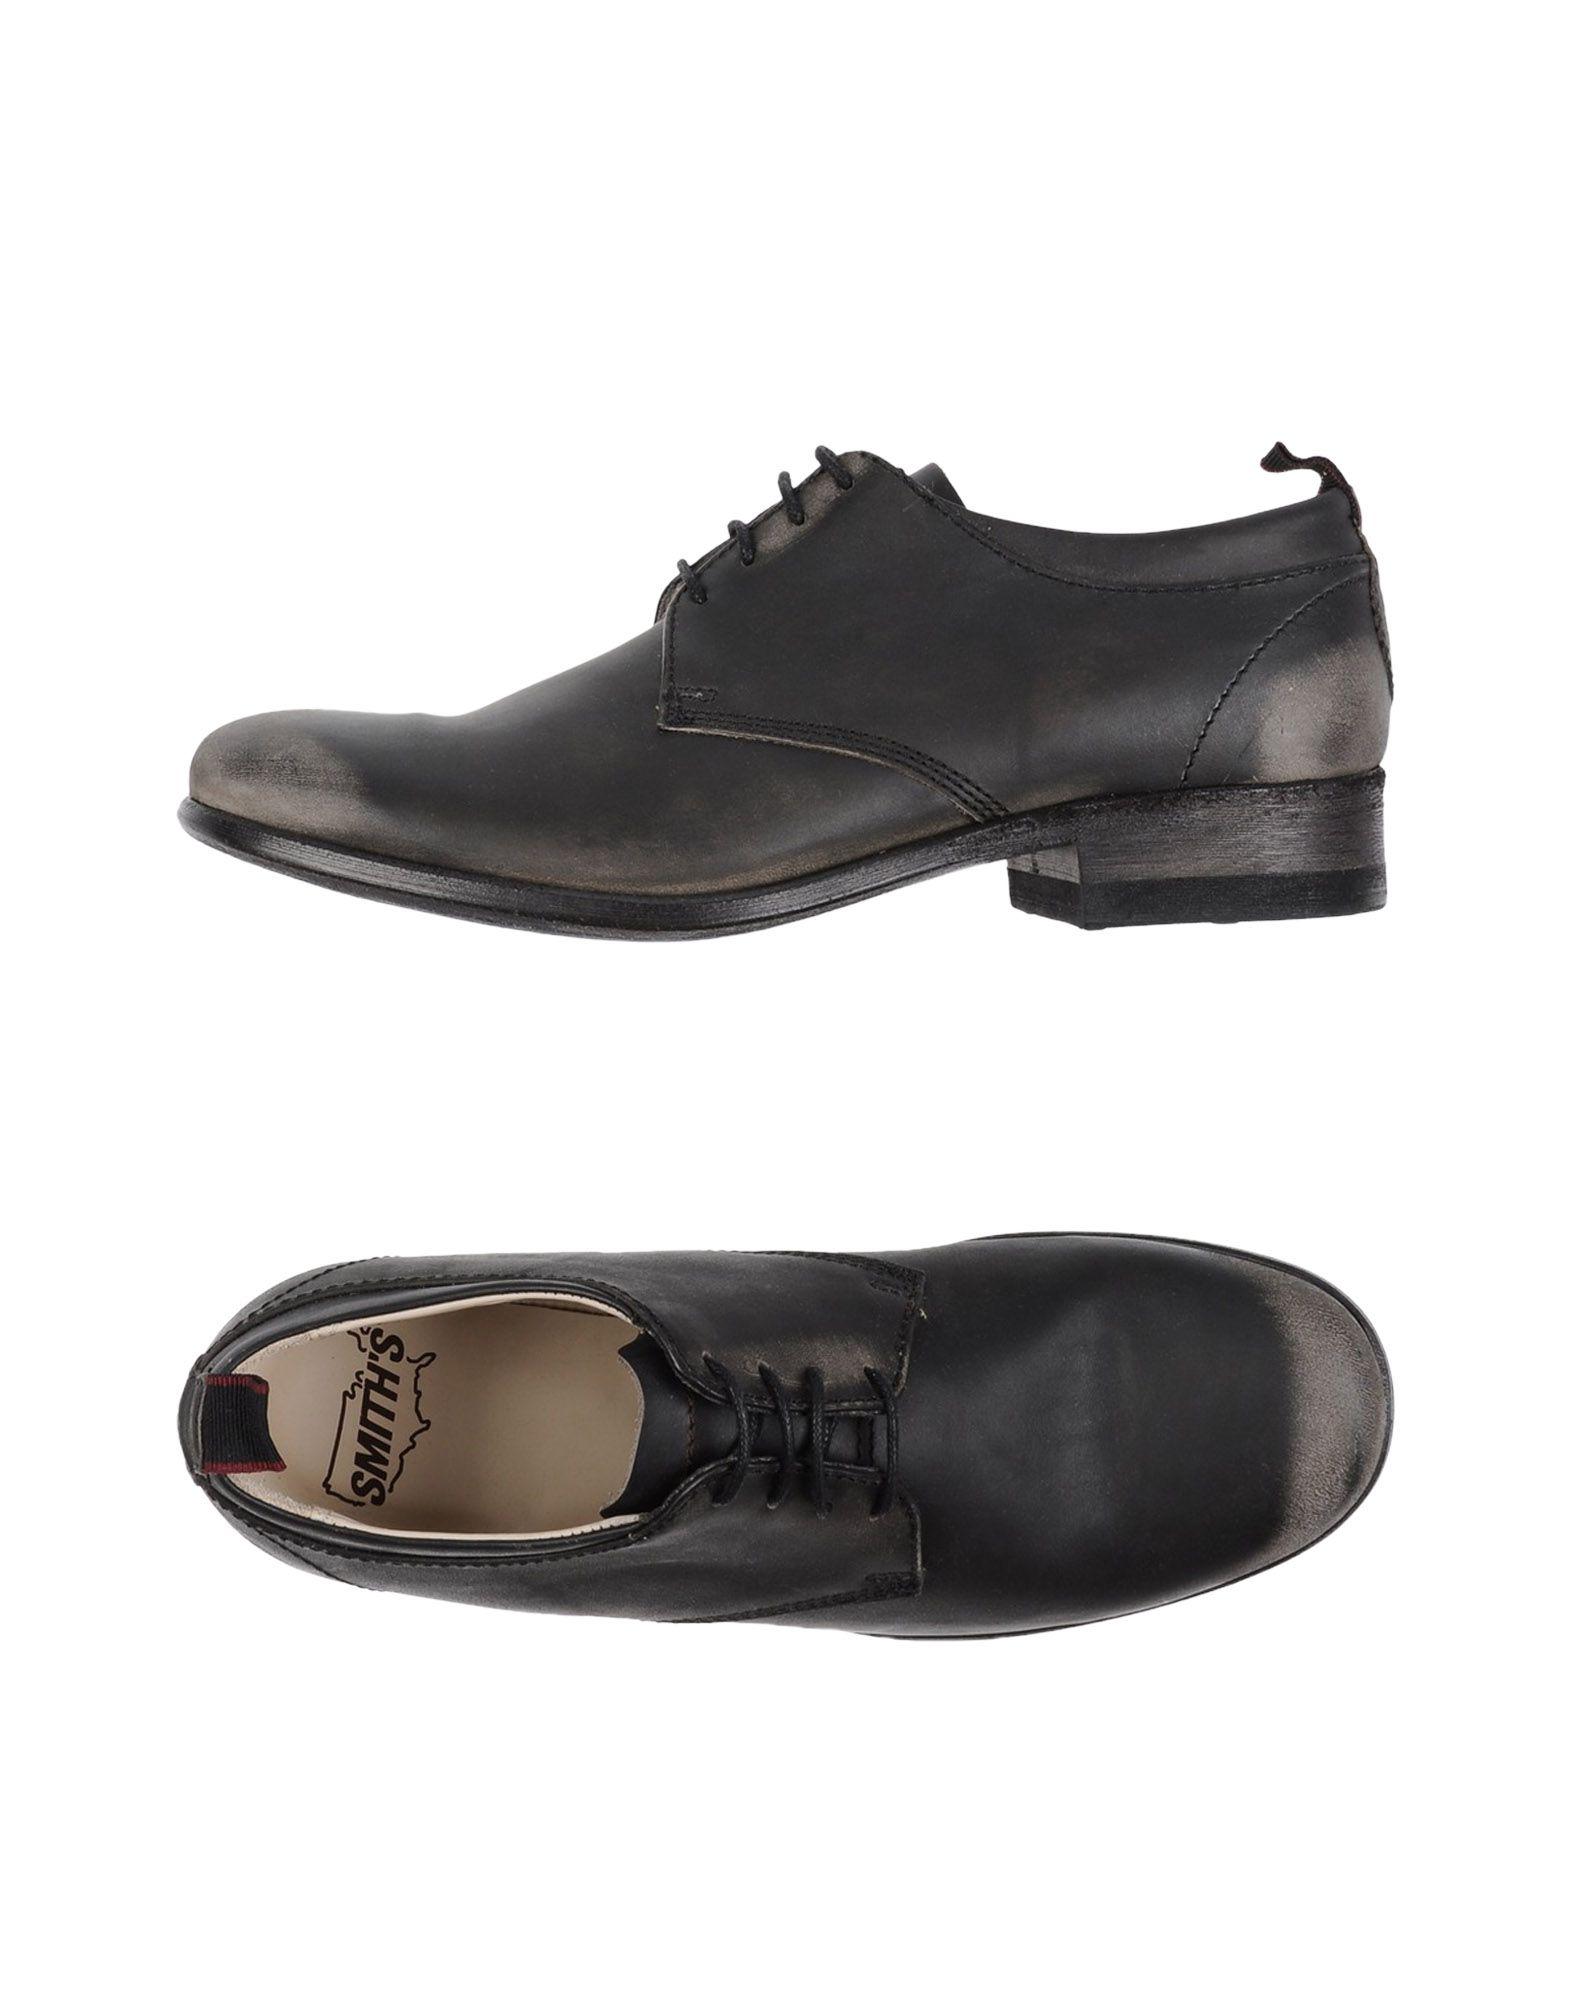 Gris marengo Zapato De Cordones Smith's American Mujer - - - Zapatos De Cordones Smith's American Moda barata y hermosa c65861